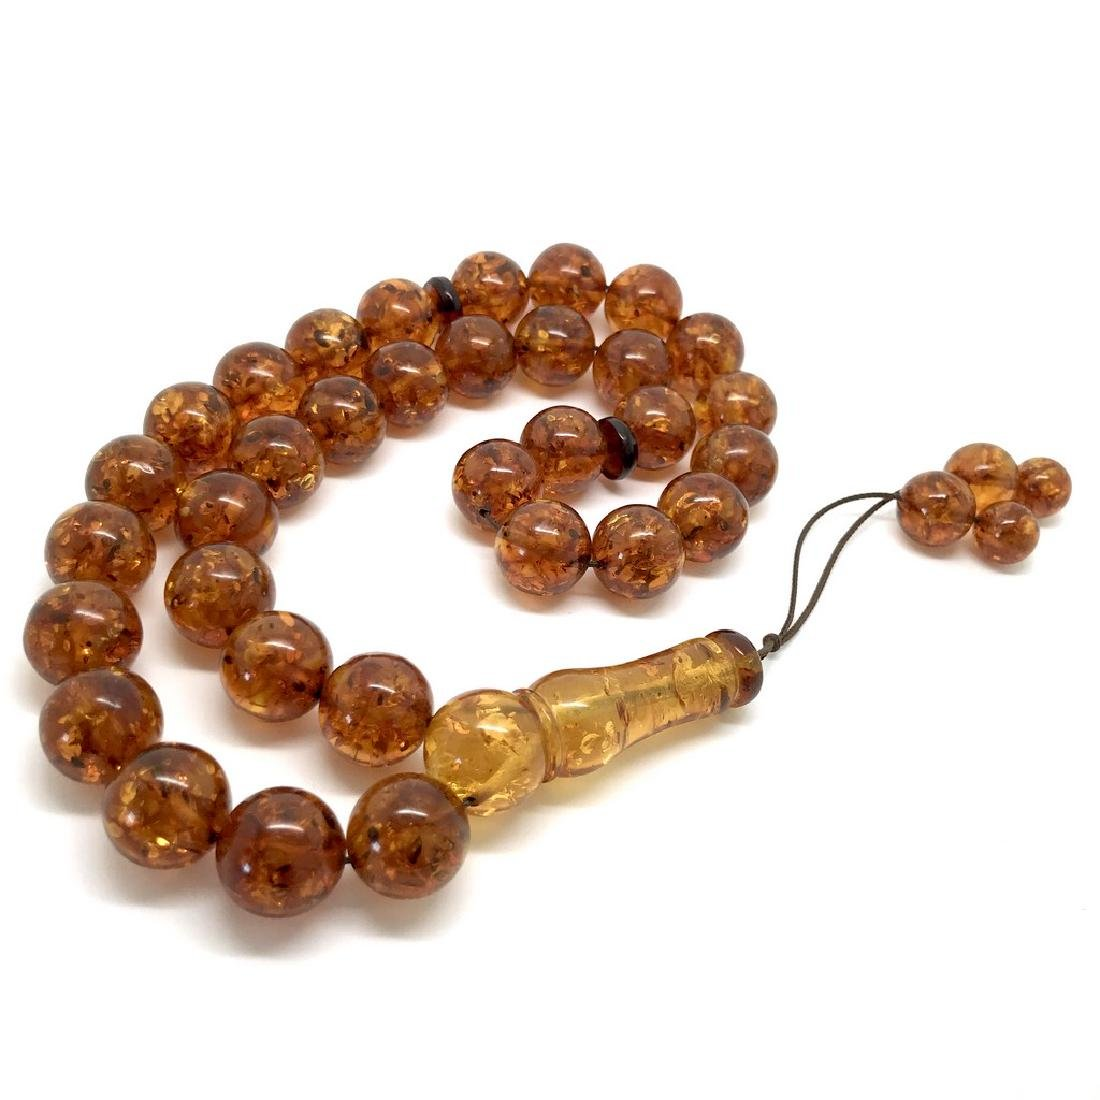 Misbaha tesbih Baltic amber cognac 33 beads ø14mm 59 - 4